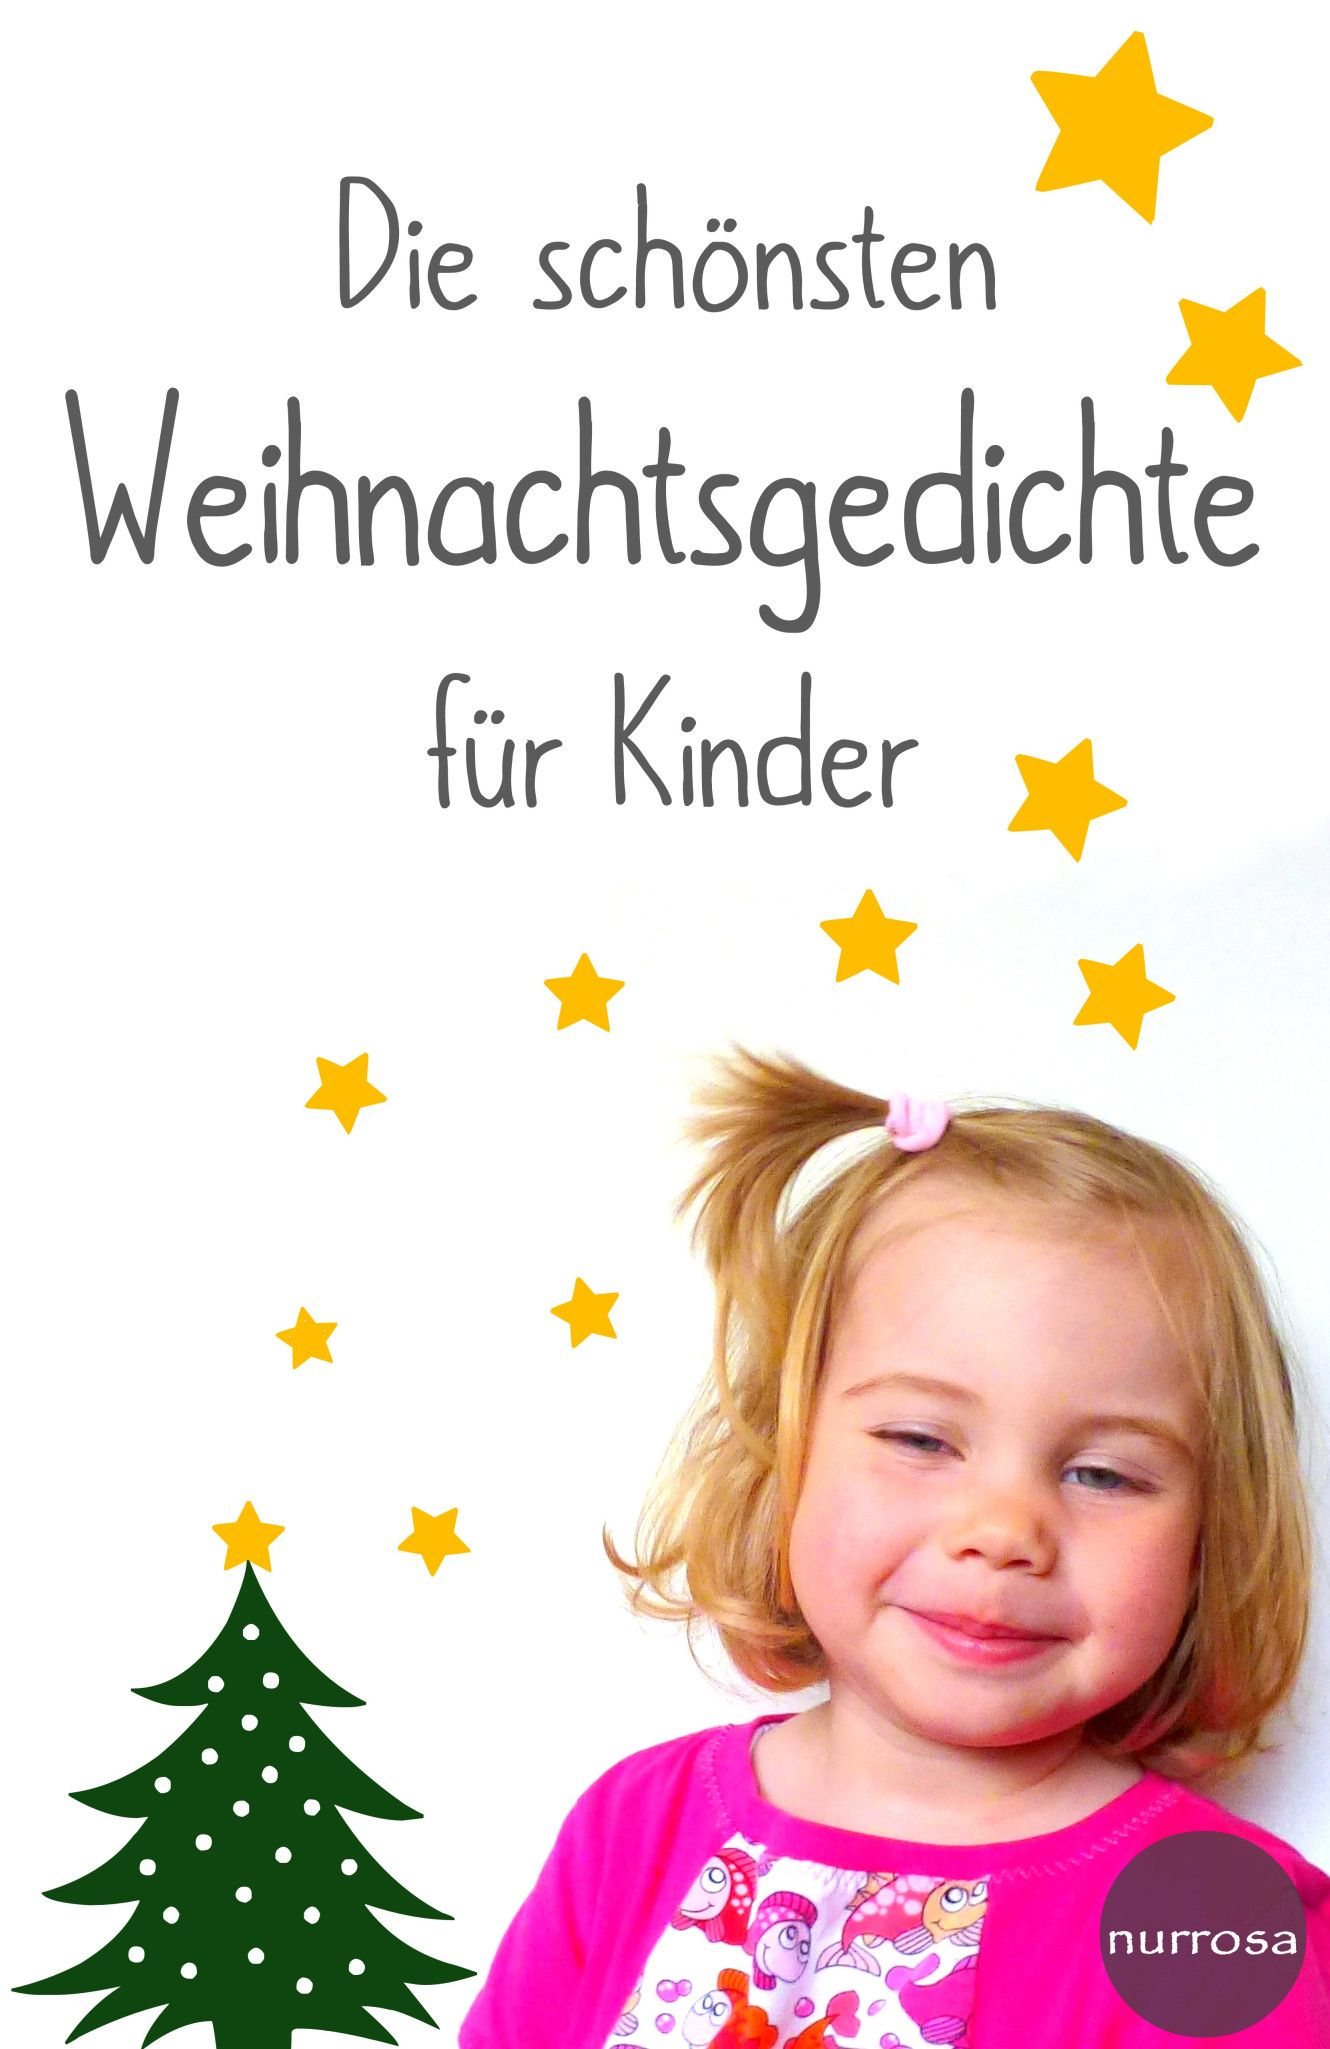 Die Schönsten Weihnachtsgedichte Für Kinder (Mit Bildern für Christliche Weihnachtsgedichte Für Kinder